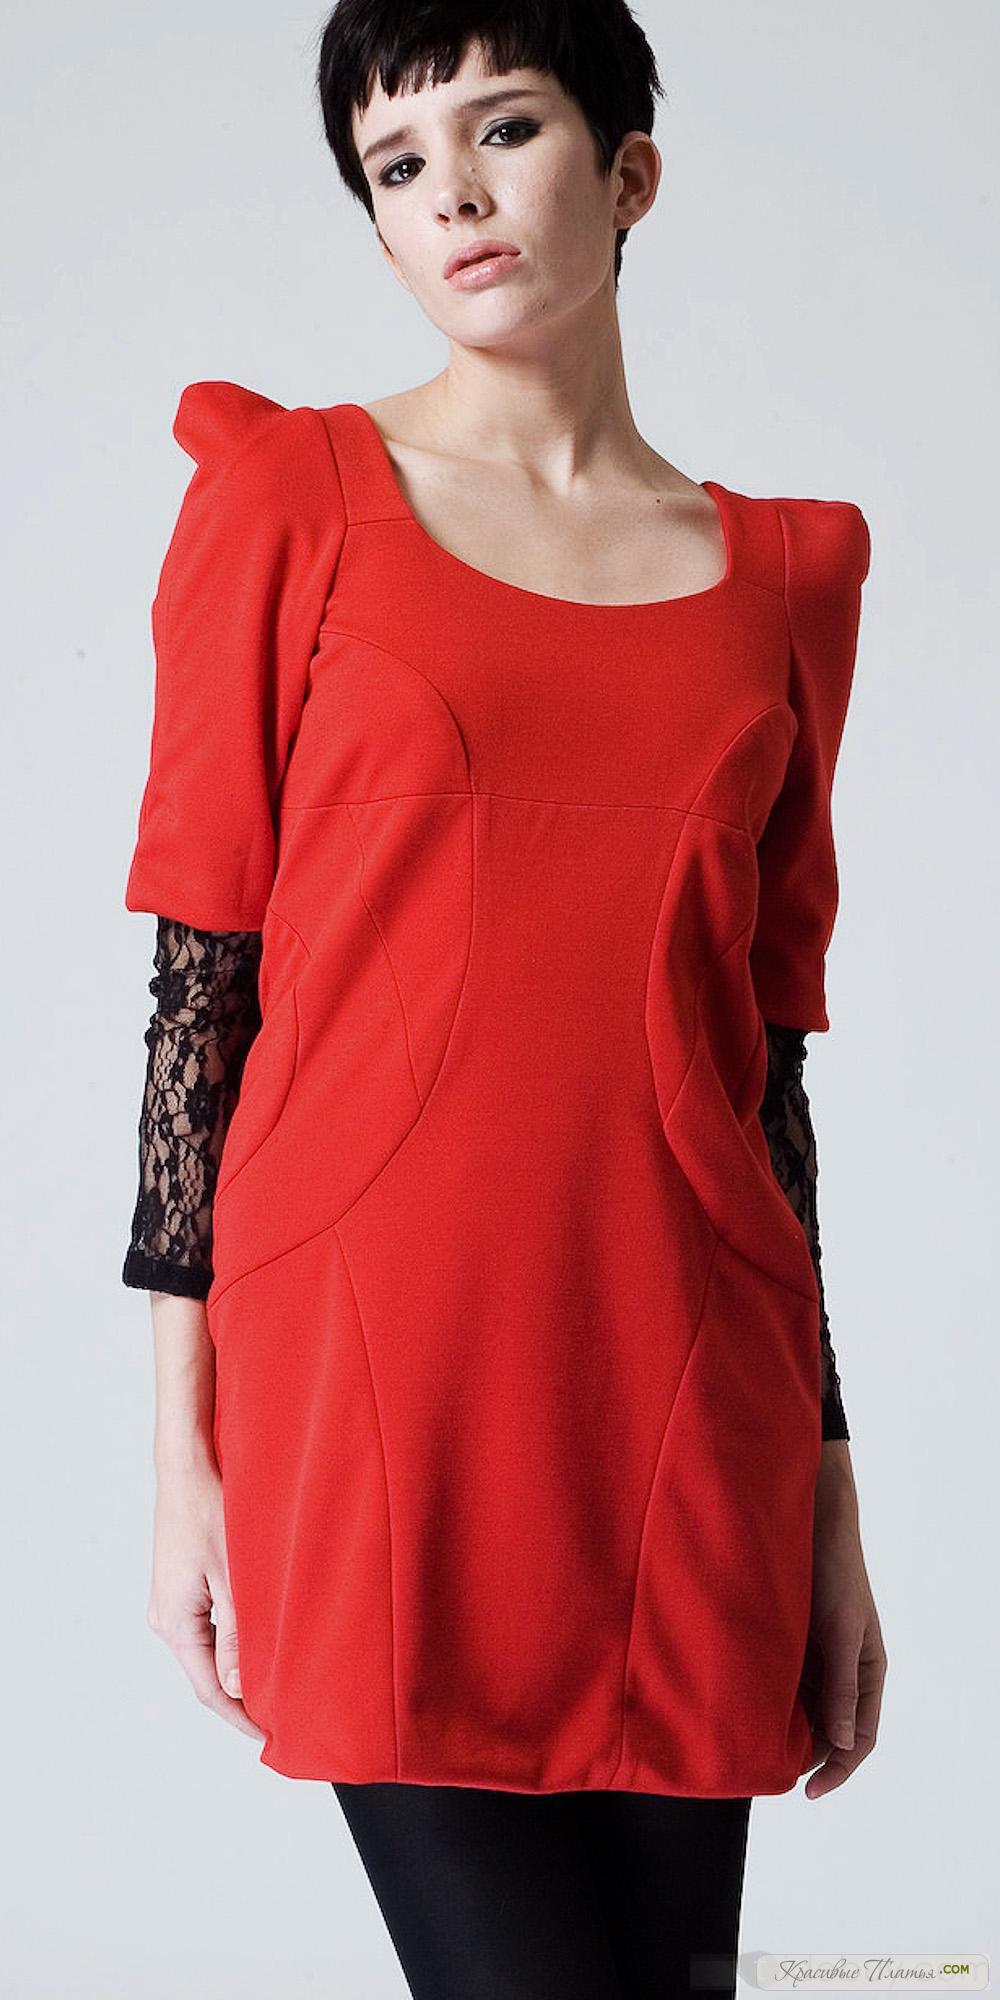 Платья рубашечного покроя на любую фигуру . . Летние платья и сарафаны 2012 года для полных от ведущих американских